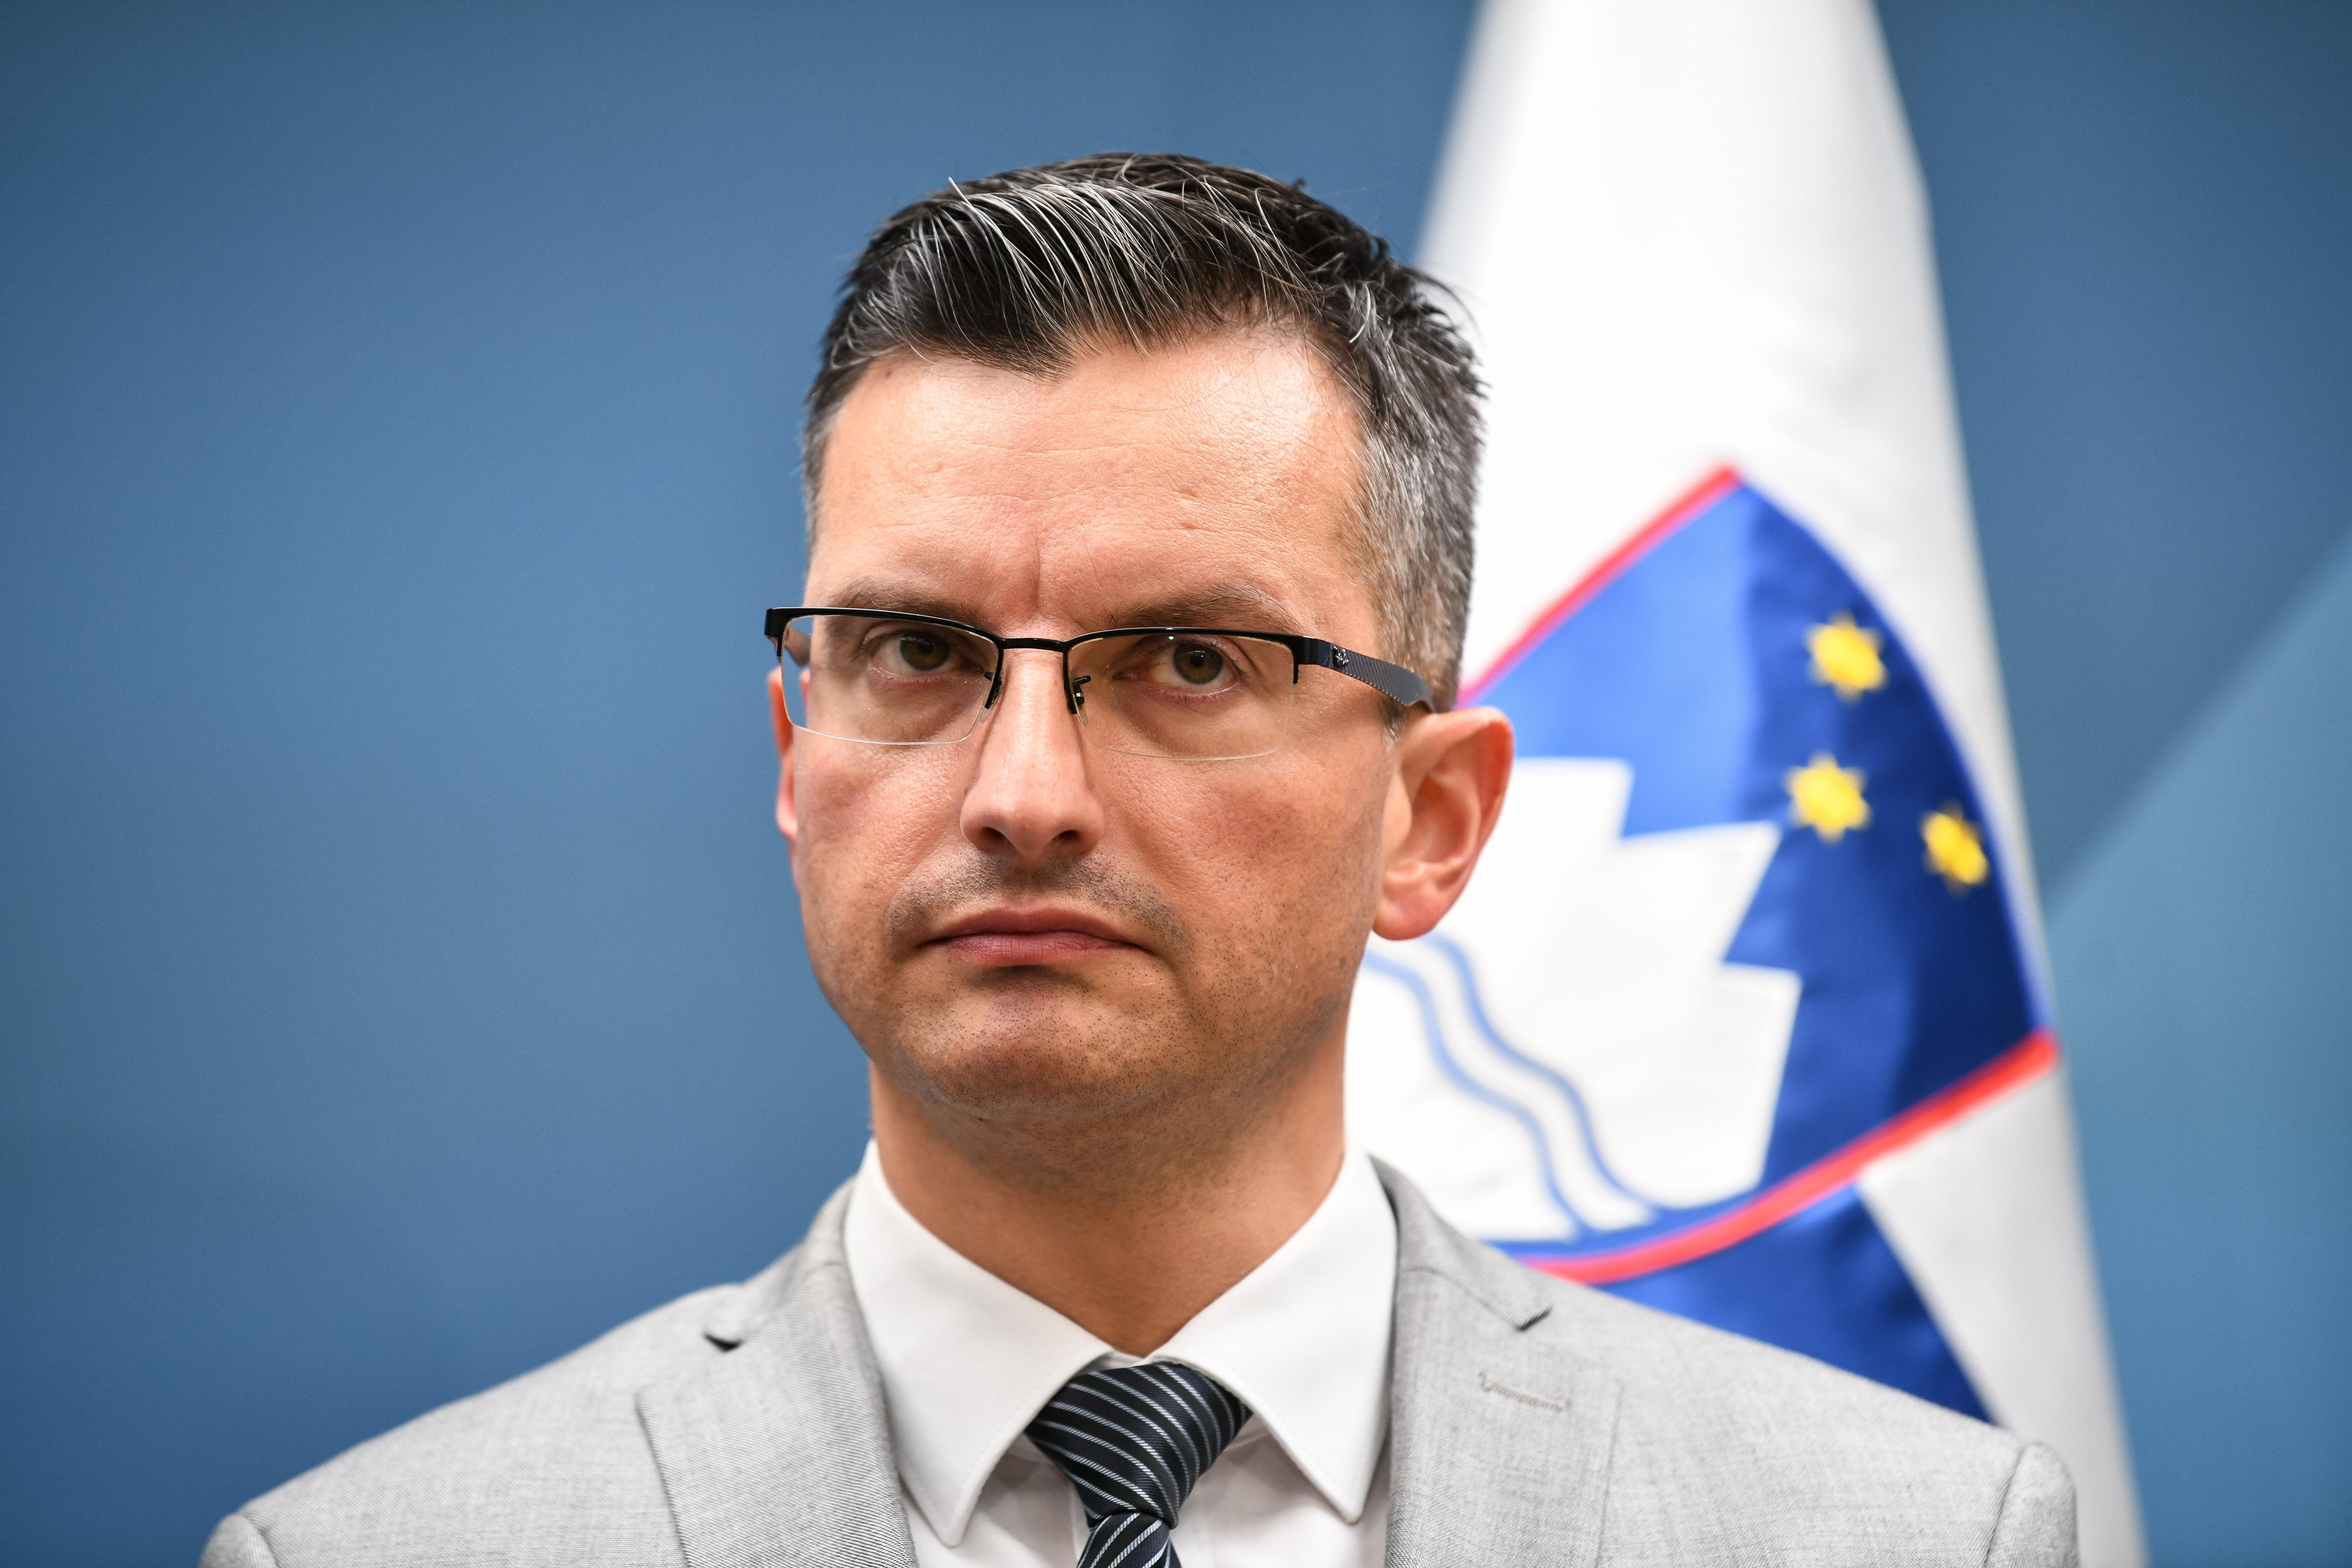 Predsednik vlade Marjan Šarec je zatajil svoje bivše županske kolege. (Foto: STA)